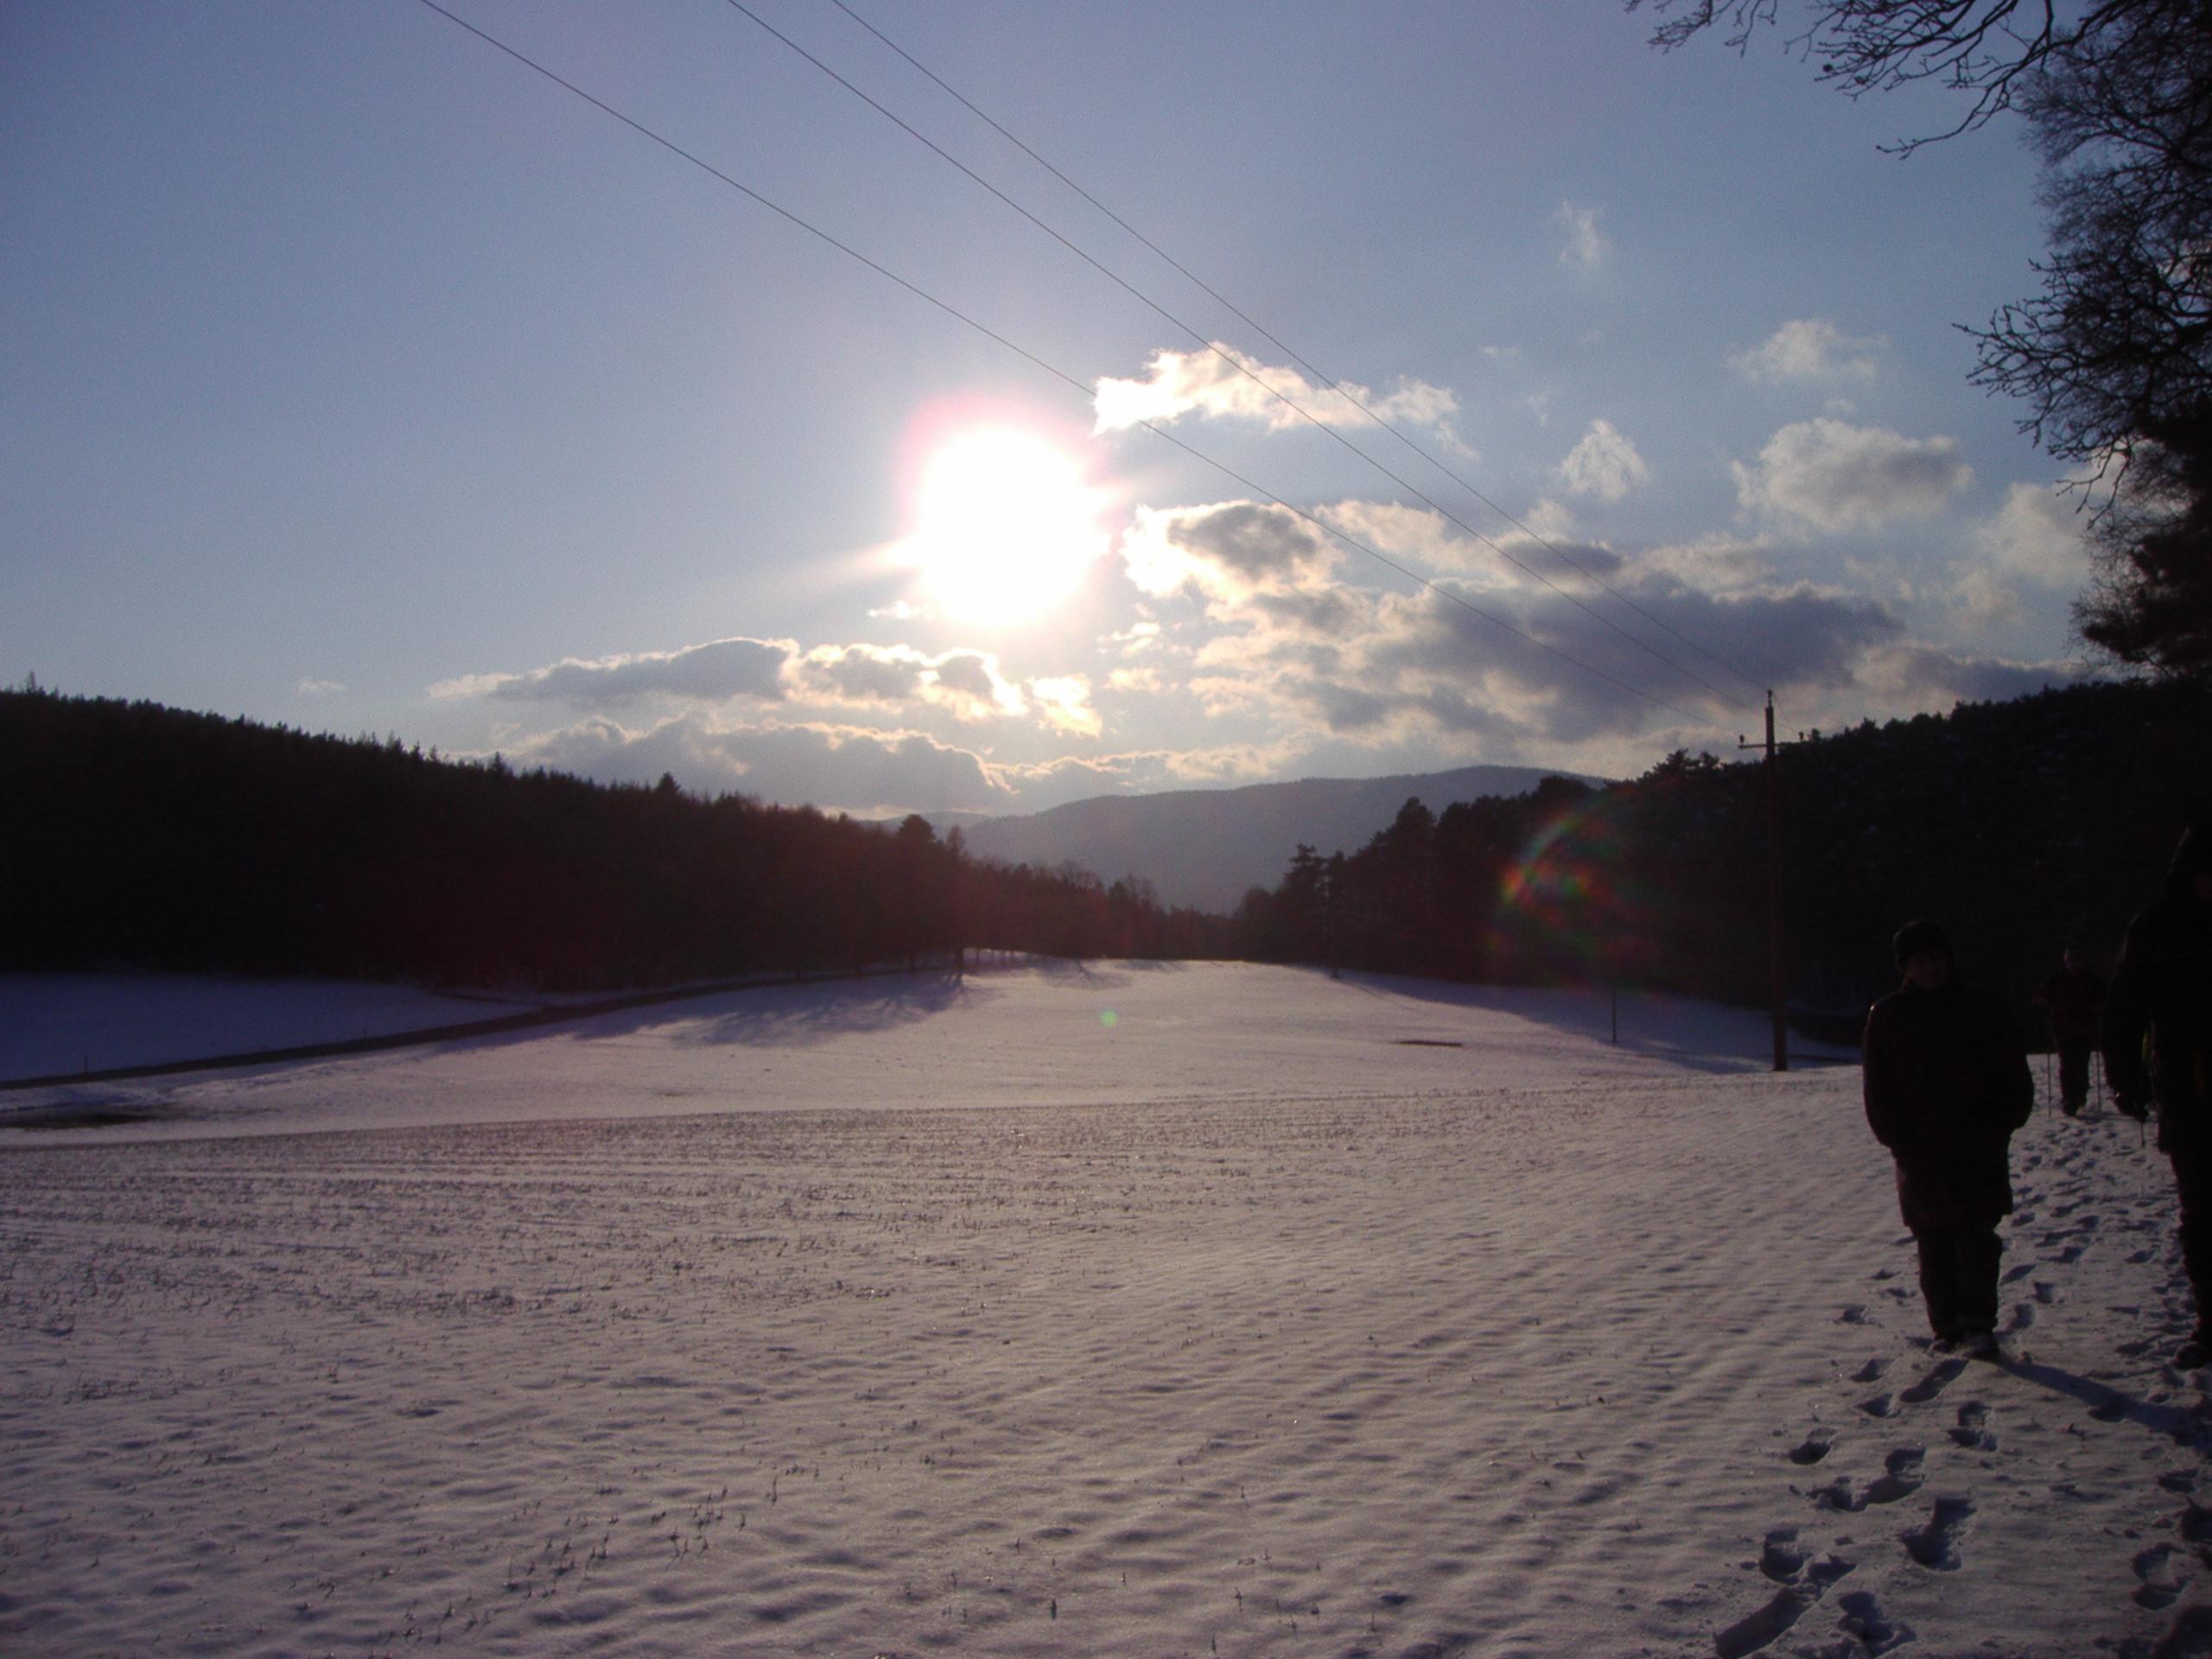 P3216444 - Wintertaugliche Kraftplätze